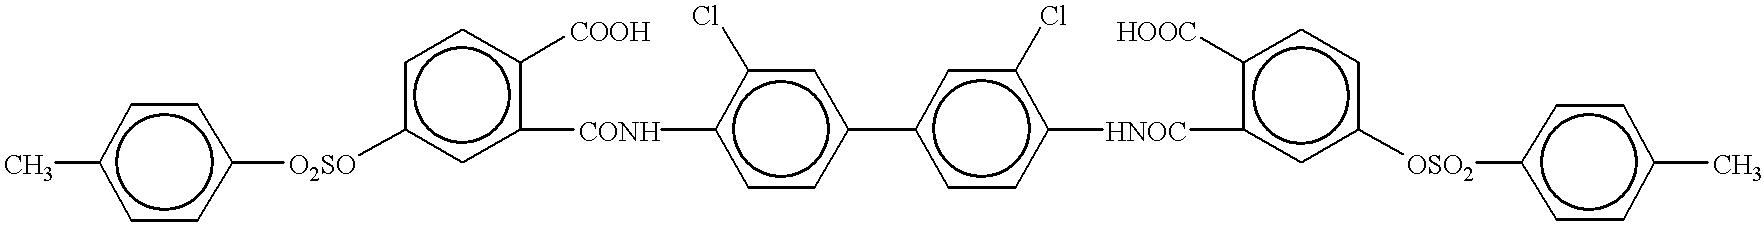 Figure US06180560-20010130-C00449